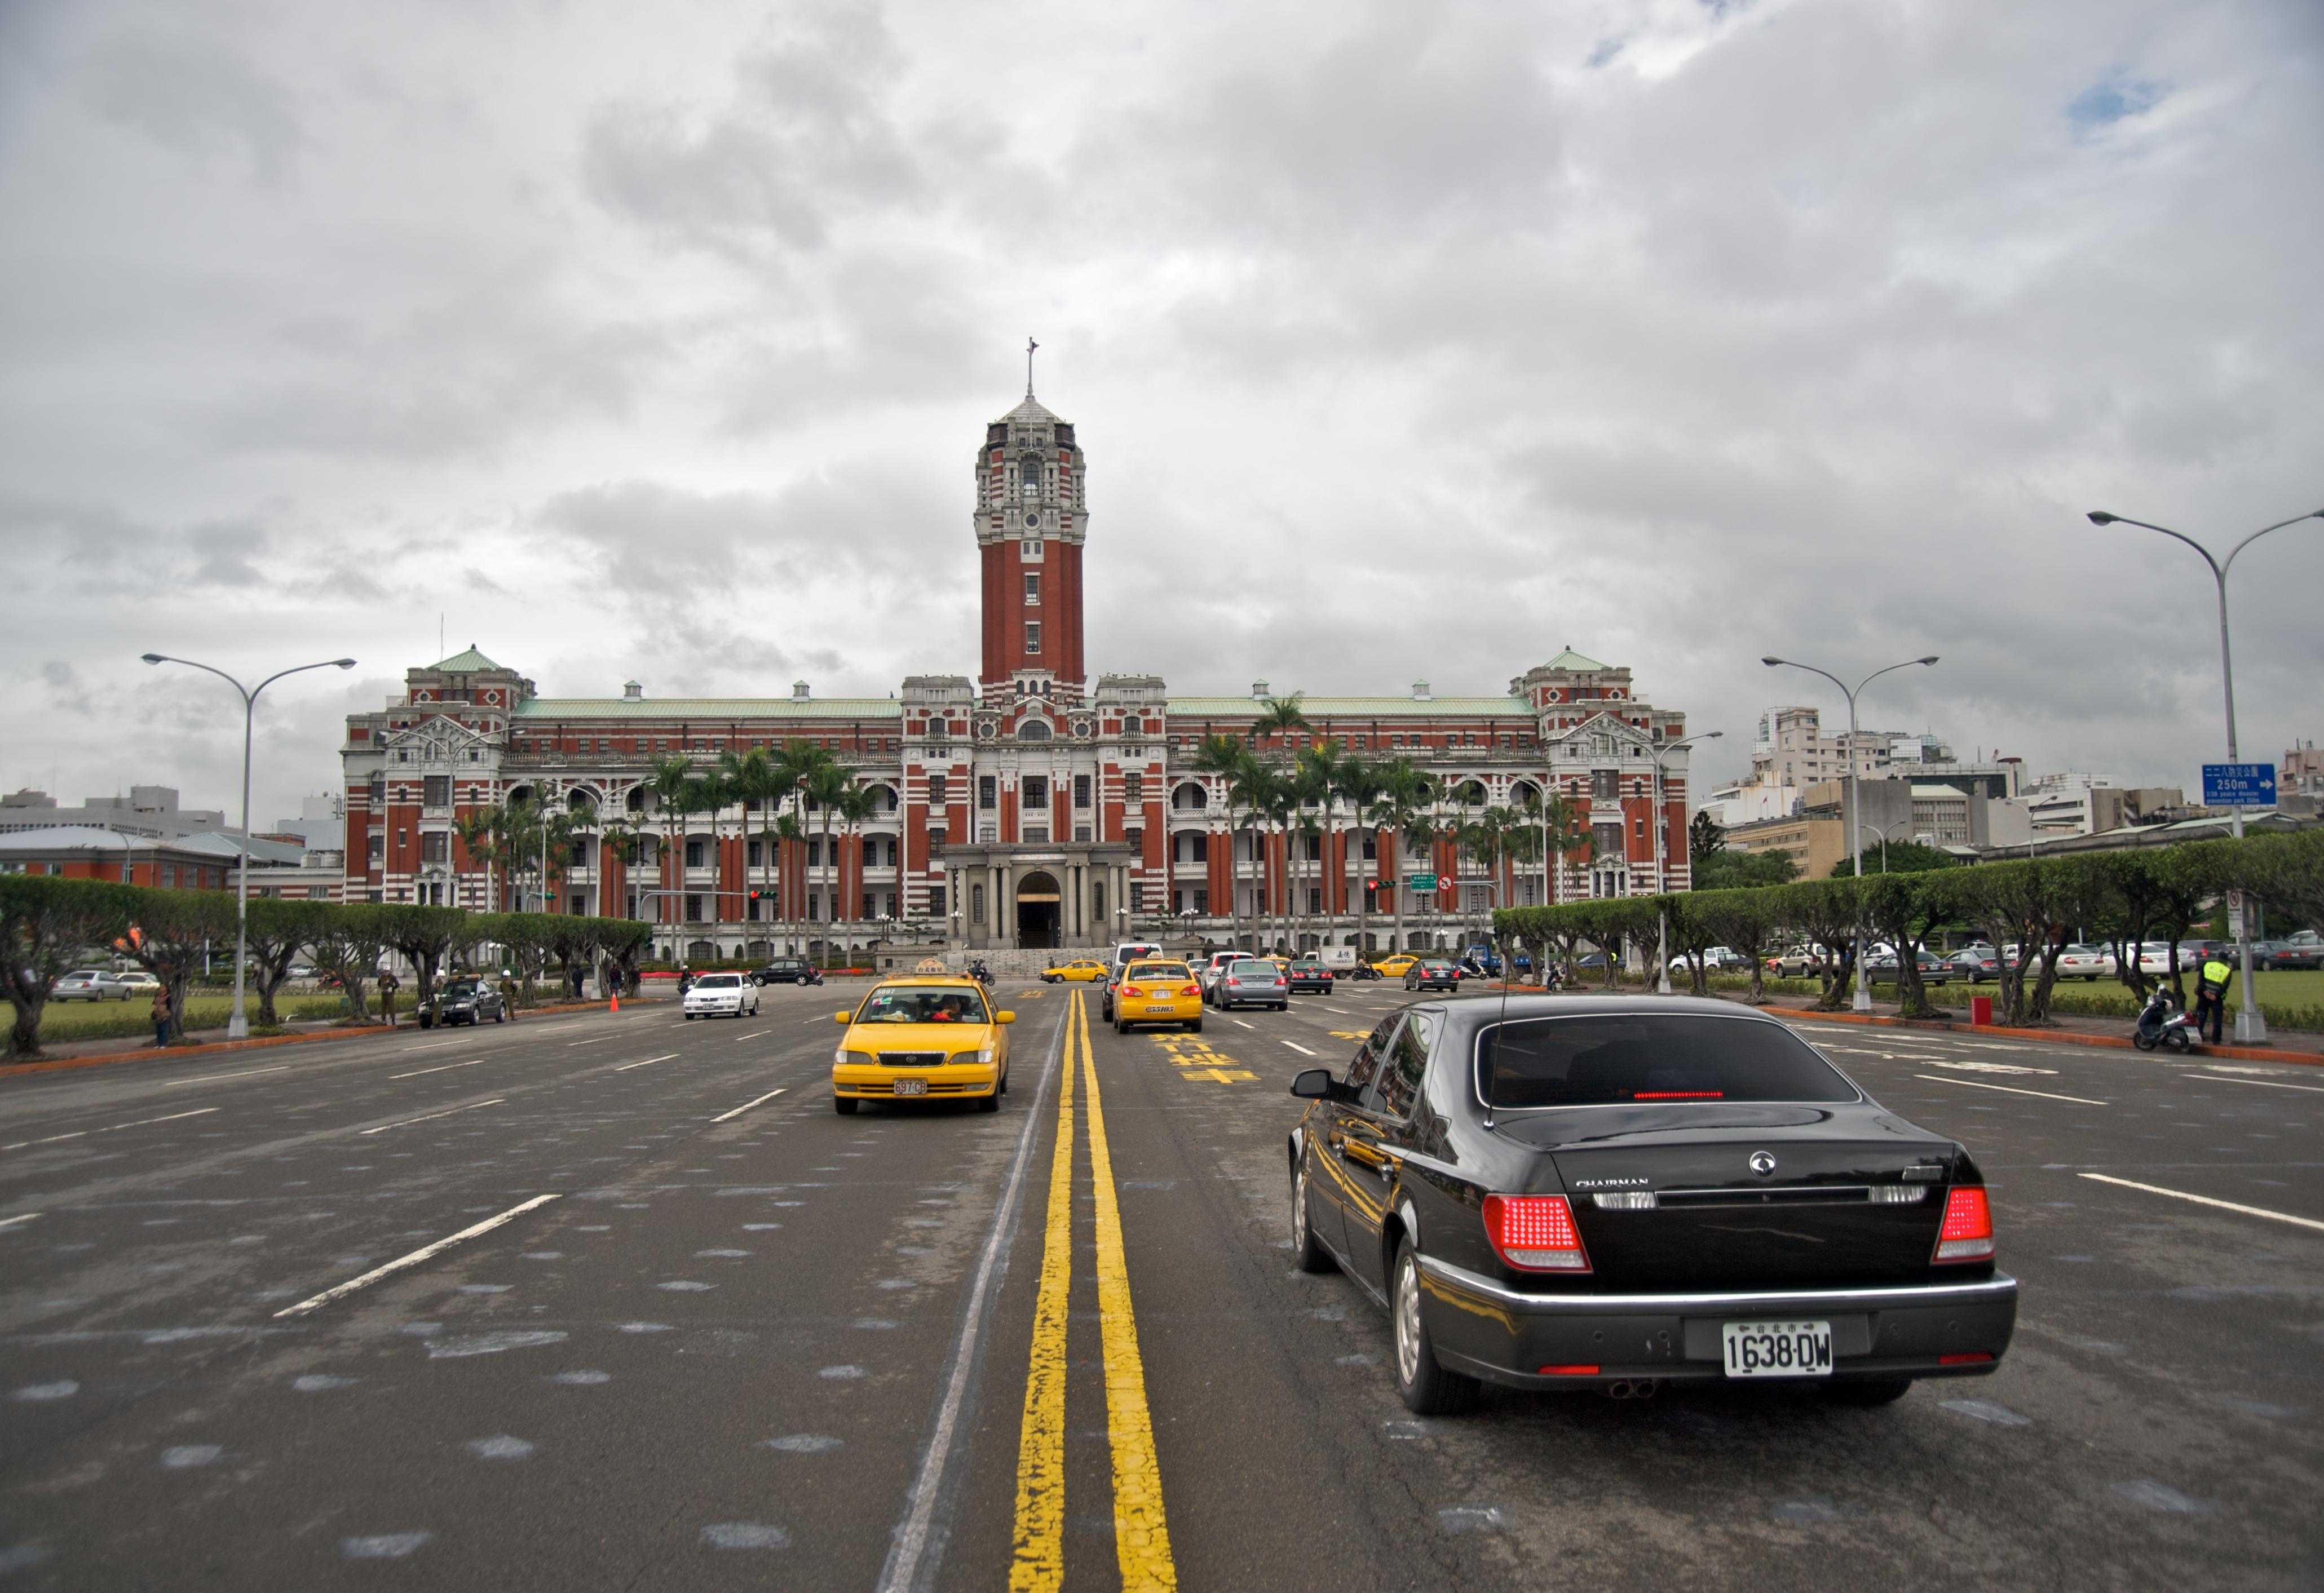 File:Taiwan 2009 Taipei Presidential Palace FRD 7172.jpg